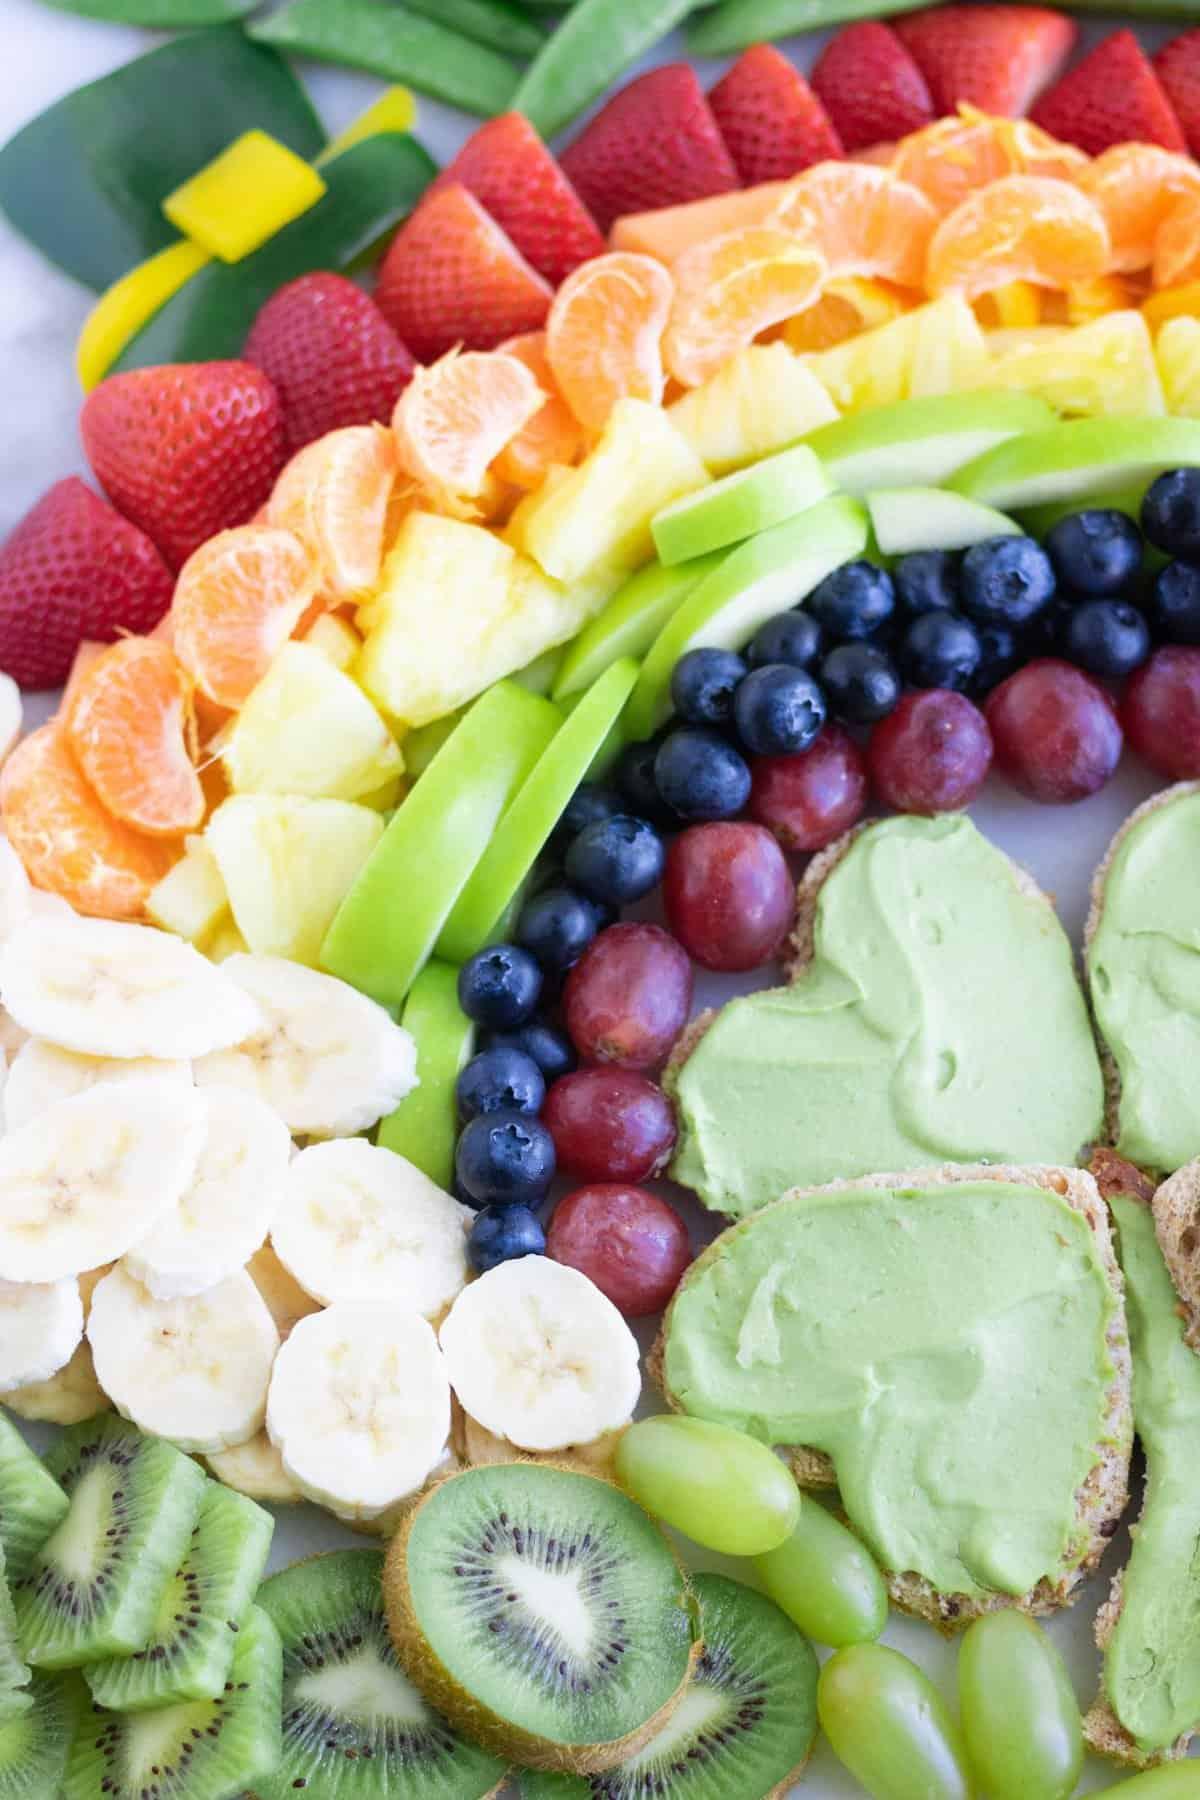 Vegan St. Patrick's Day Snack Board